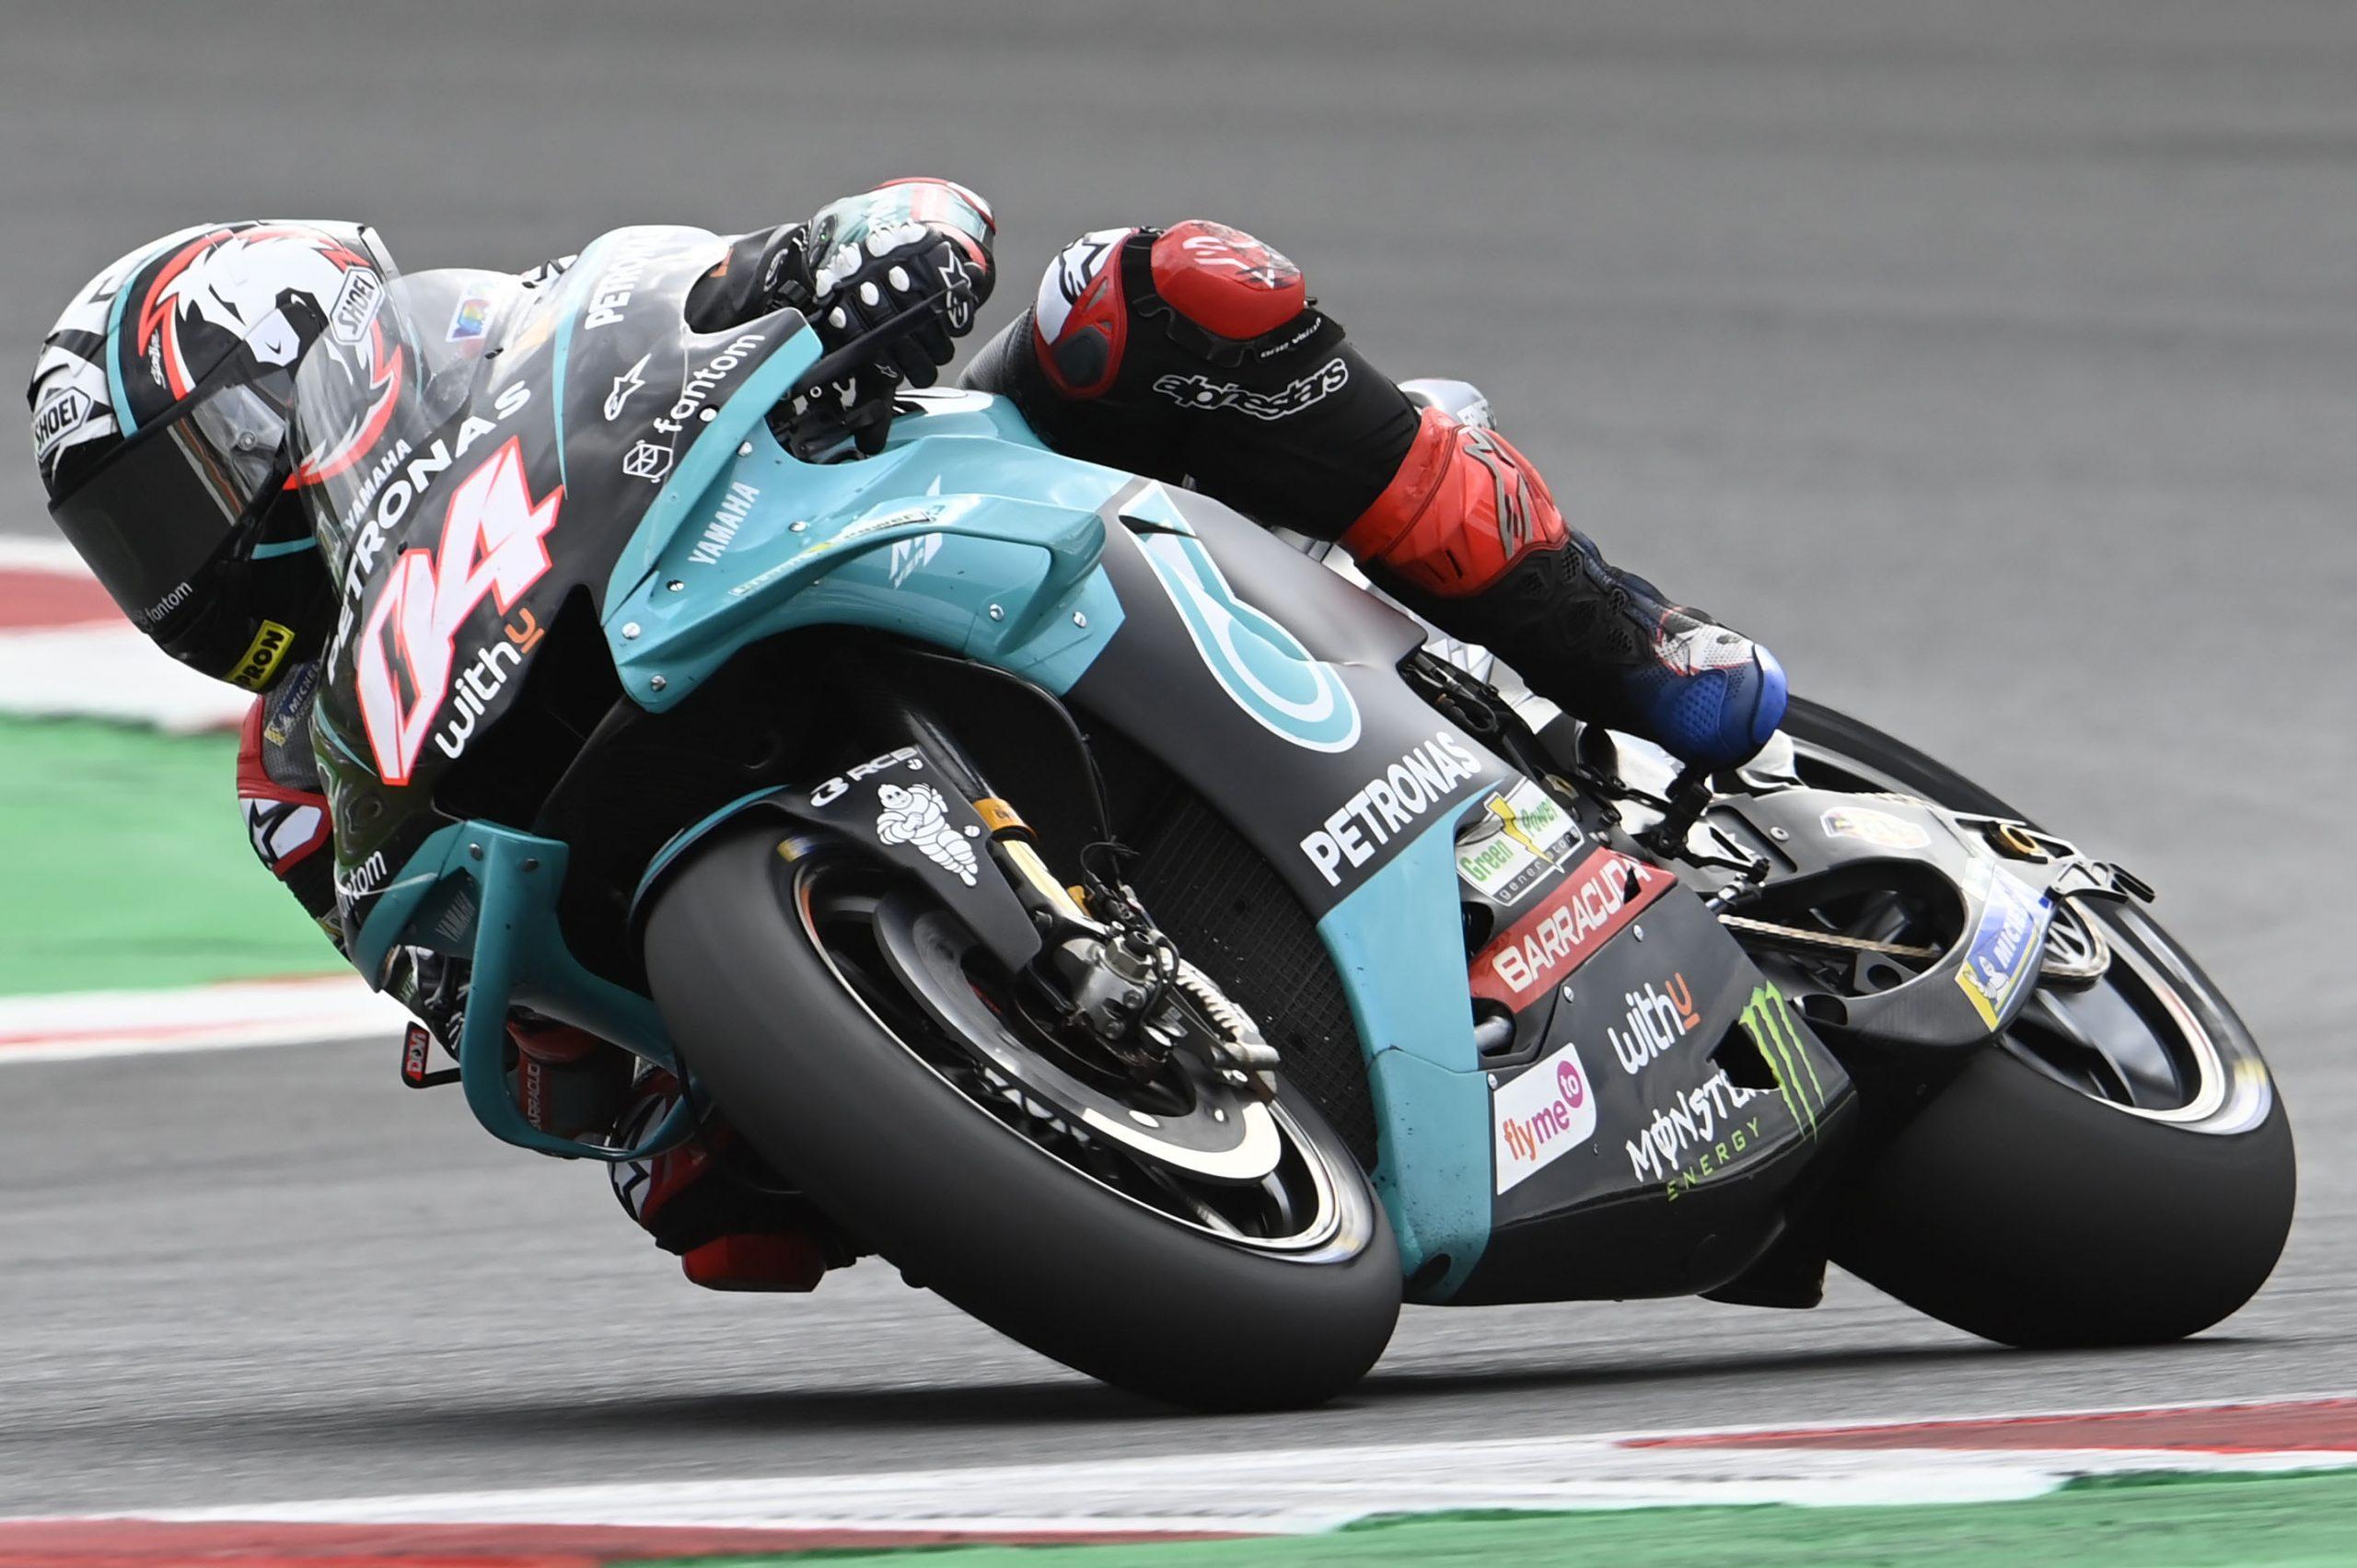 Andrea Dovizioso podczas GP San Marino 2021 w Misano